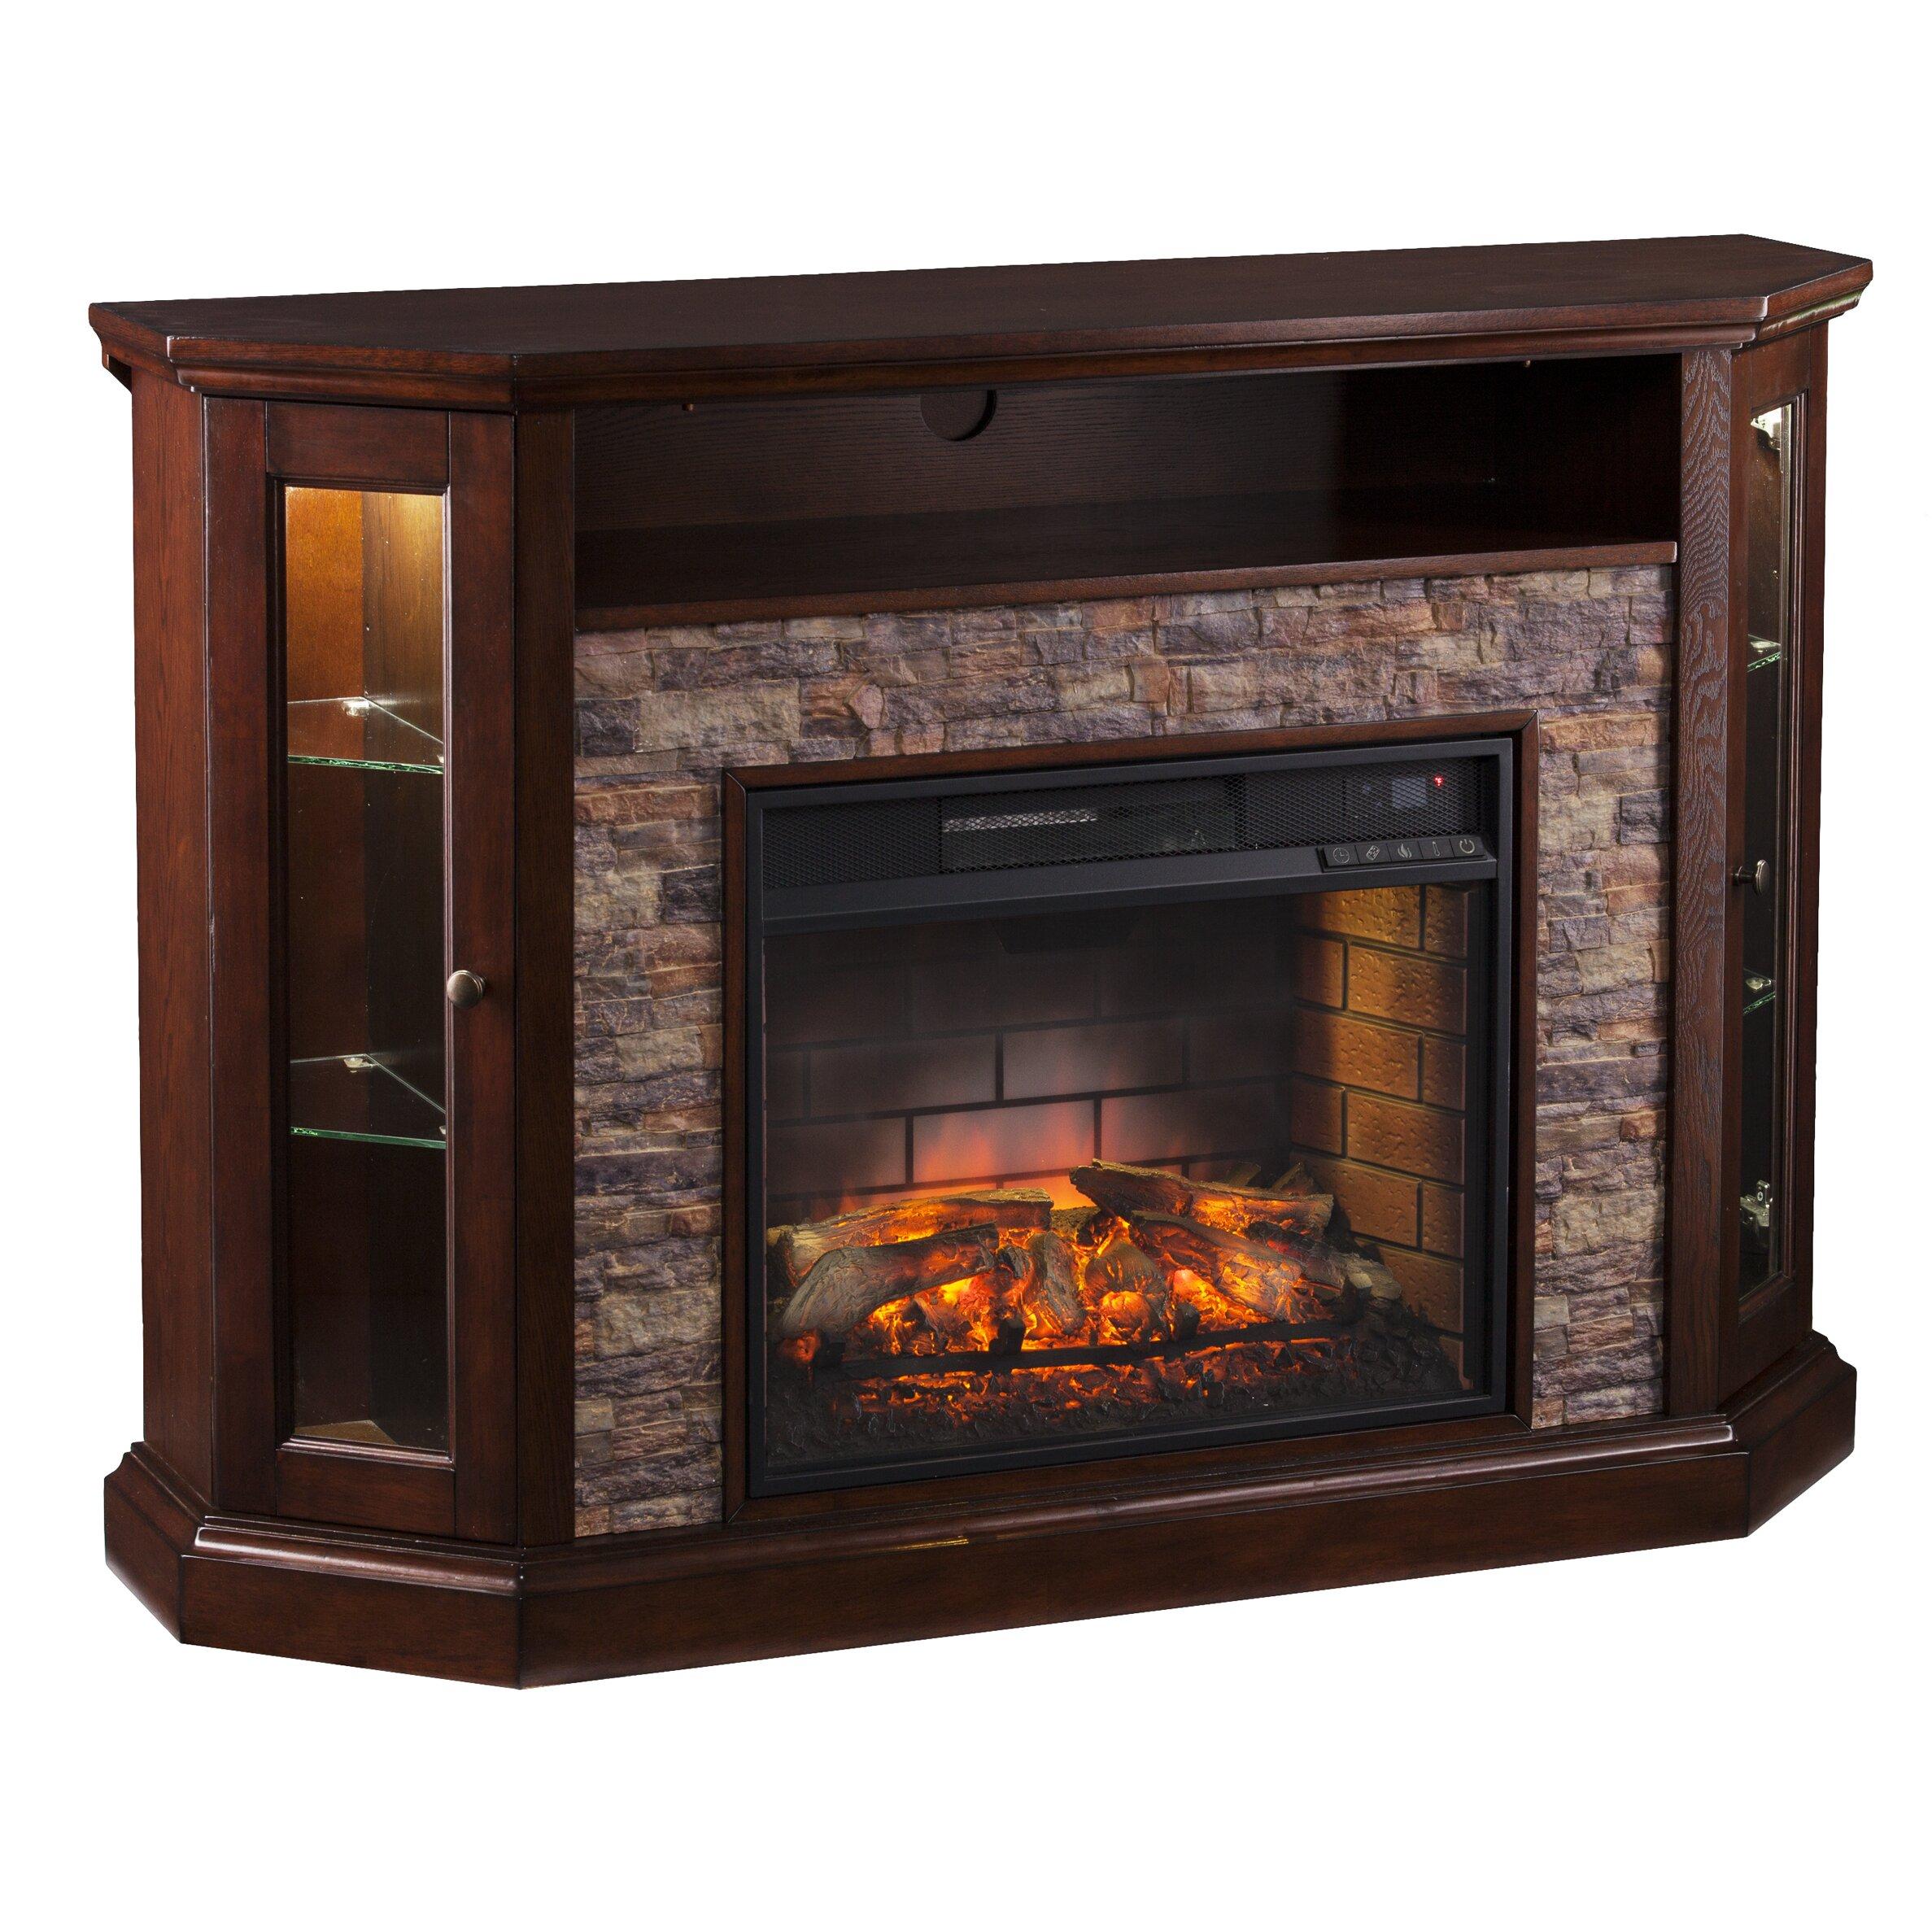 Wildon Home Rupert Corner Convertible Infrared Electric Fireplace Reviews Wayfair